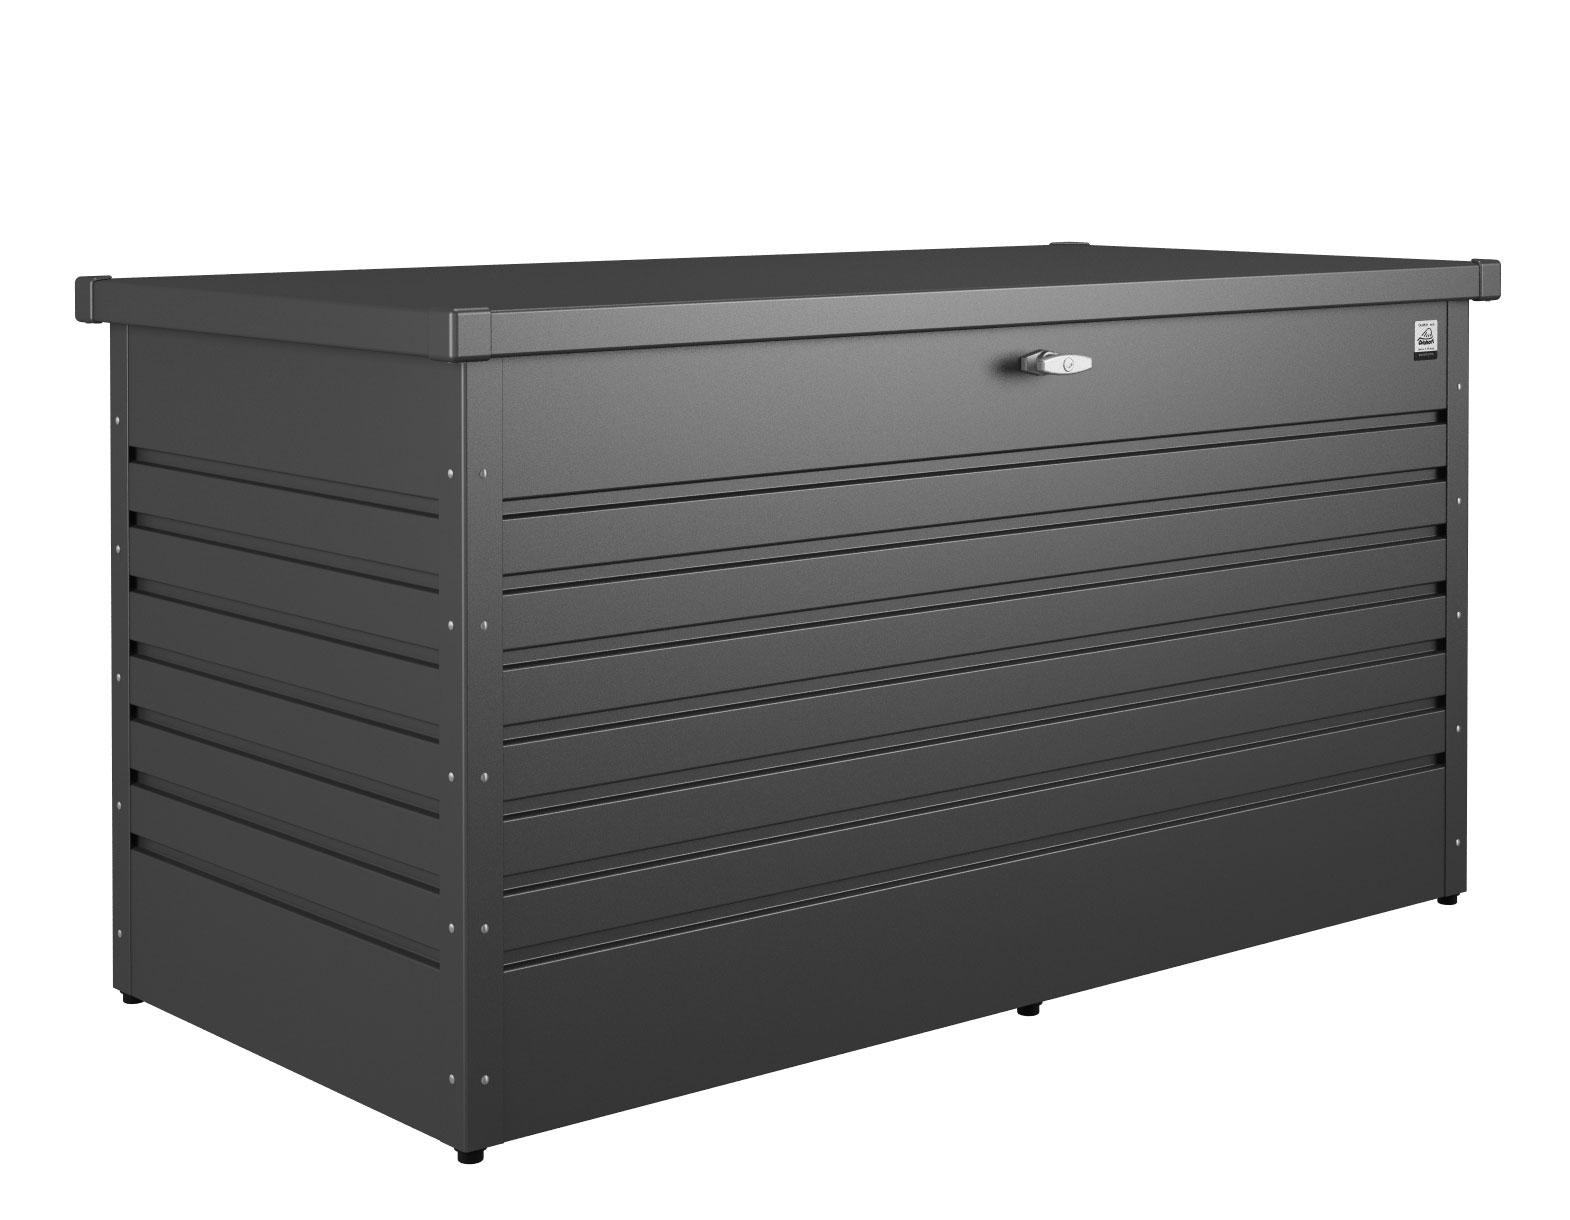 Gartenbox Auflagenbox Biohort Freizeitbox 160 dunkelgrau-metallic Bild 1